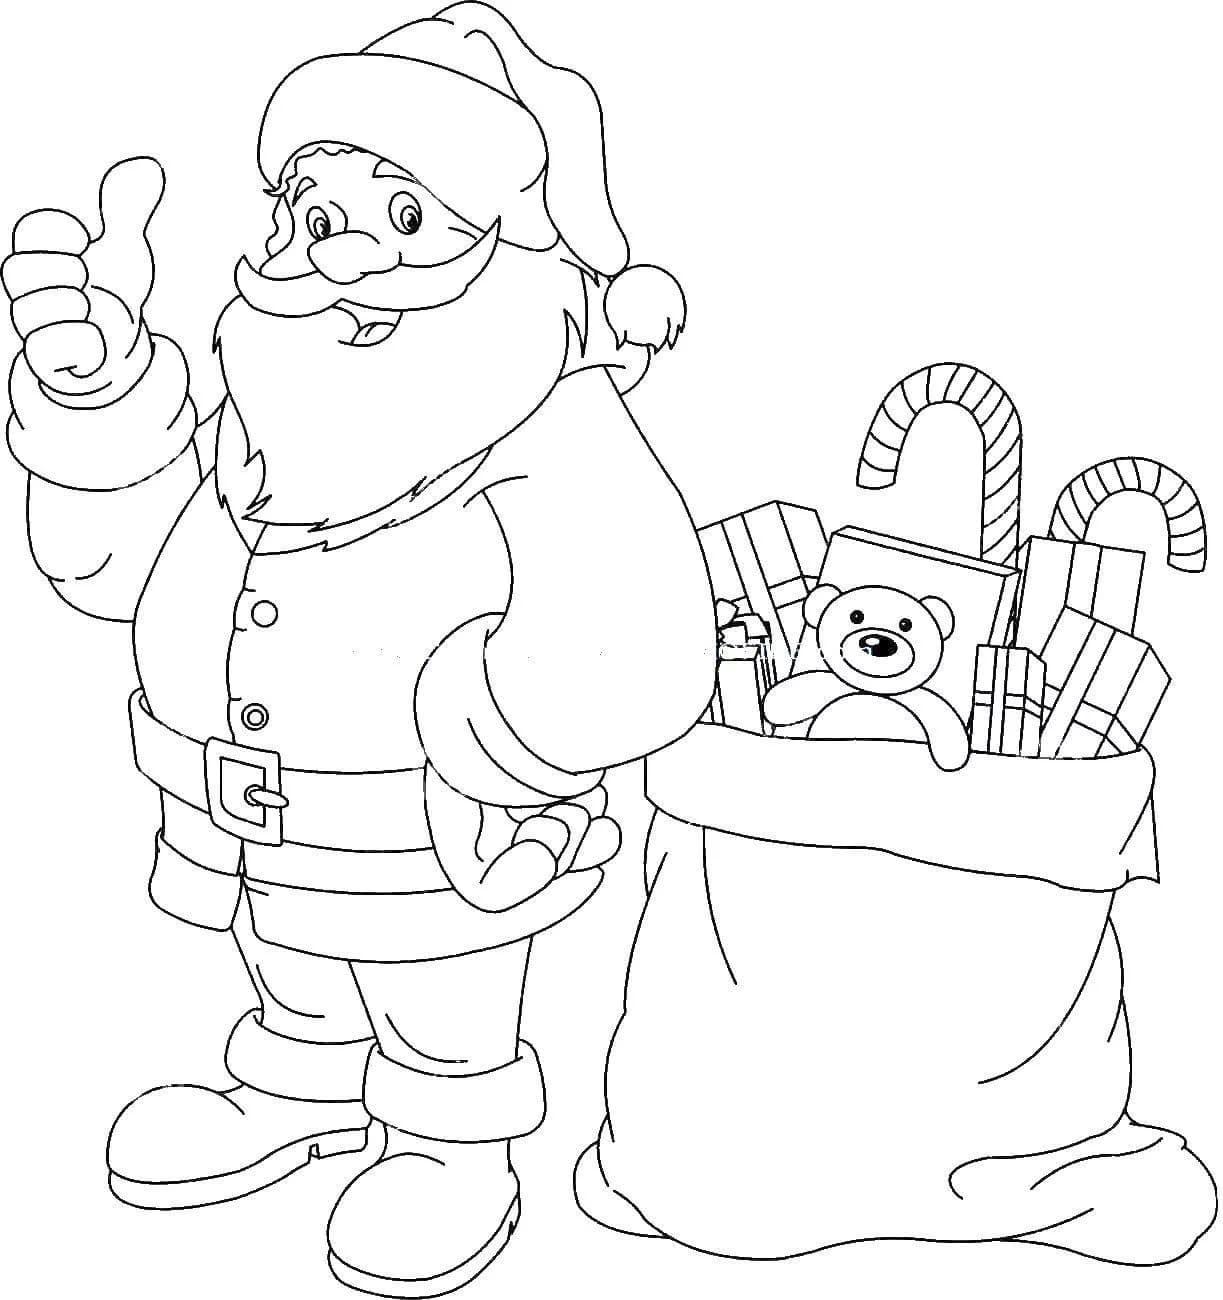 Dibujos De Papá Noel Para Colorear 100 Imágenes Para Imprimir